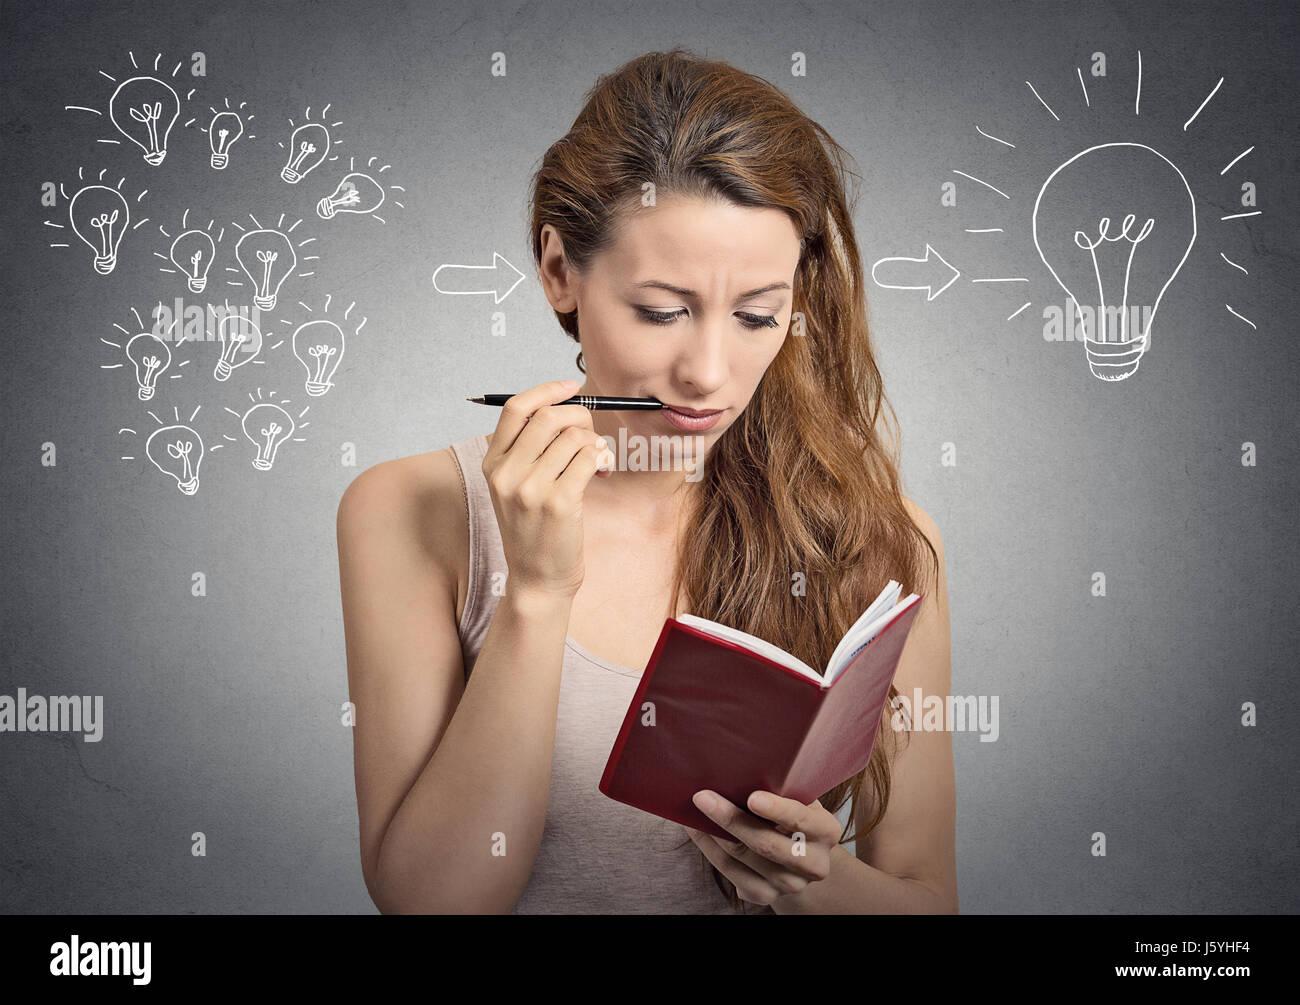 Hermosa niña retrato planificación pensando escribir notas aisladas sobre fondo de pared gris Imagen De Stock